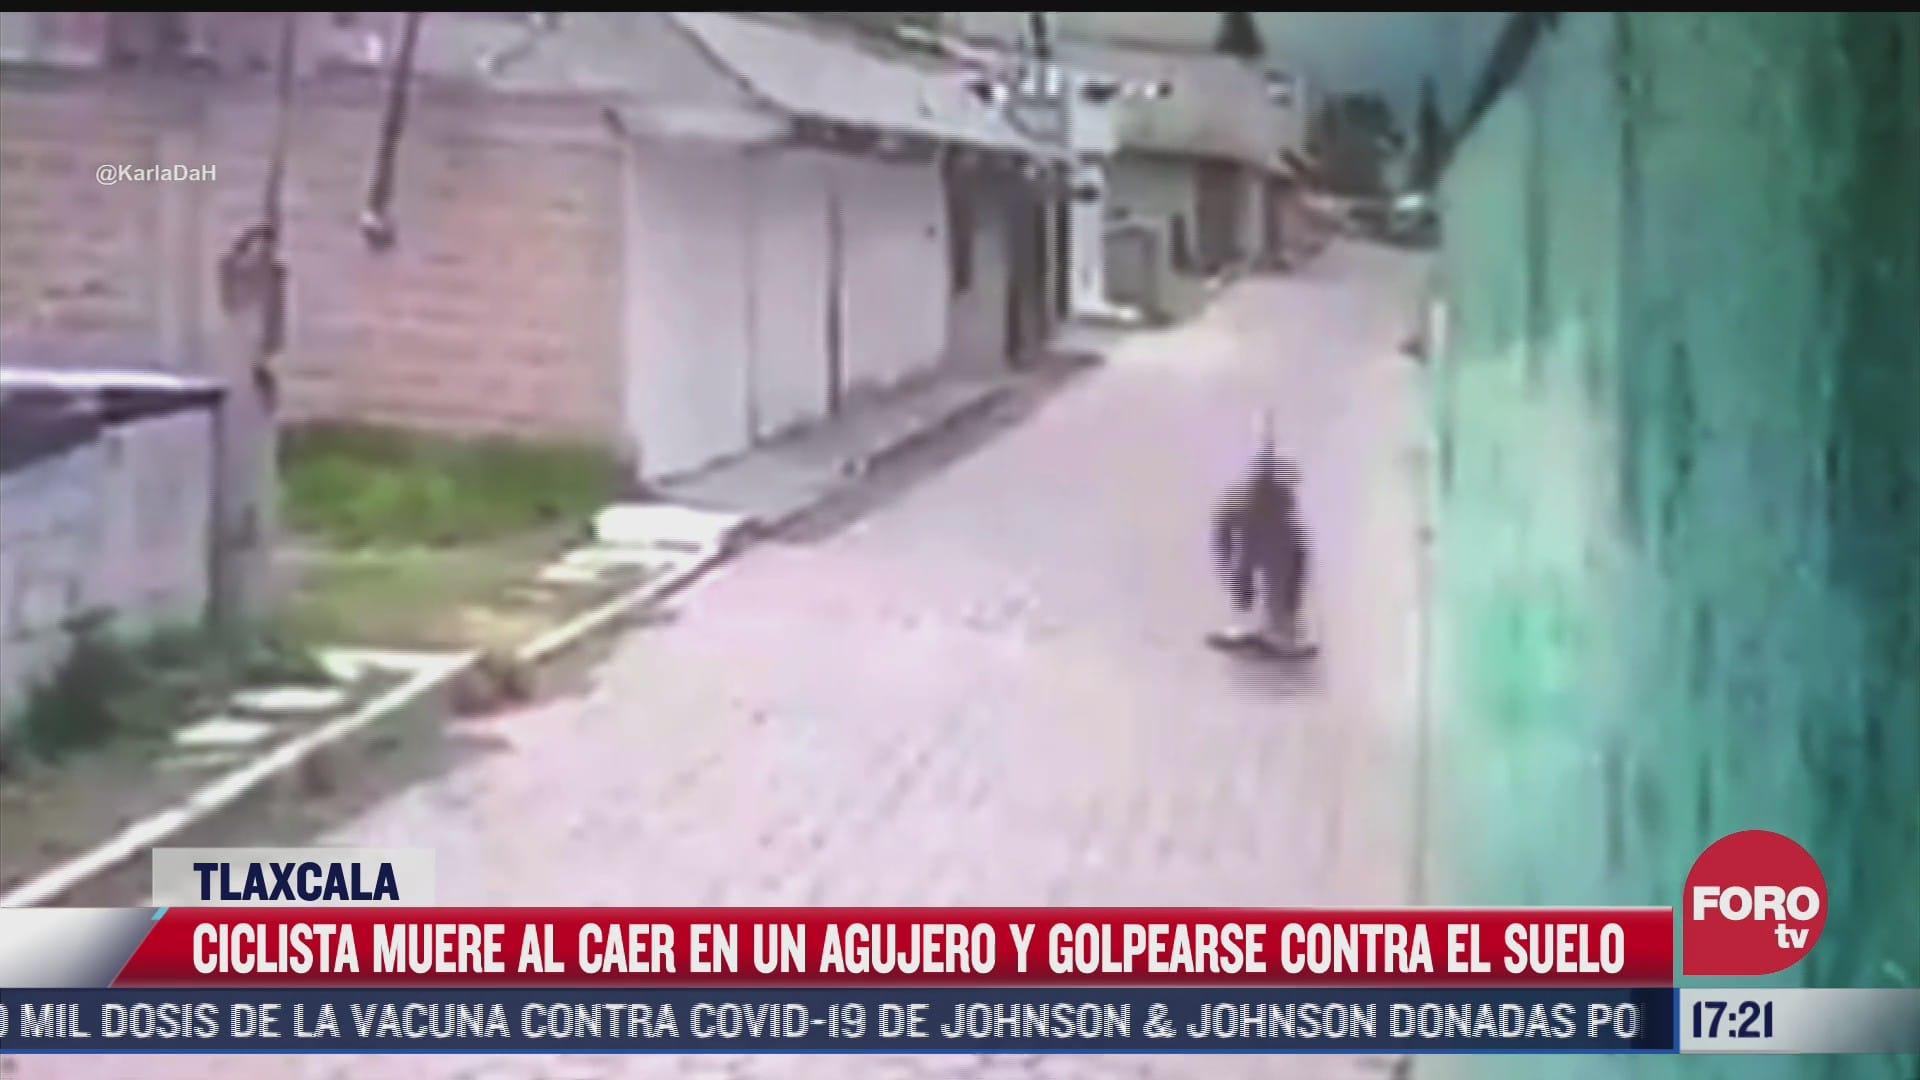 ciclista muere al caer en agujero y golpearse la cabeza en tlaxcala